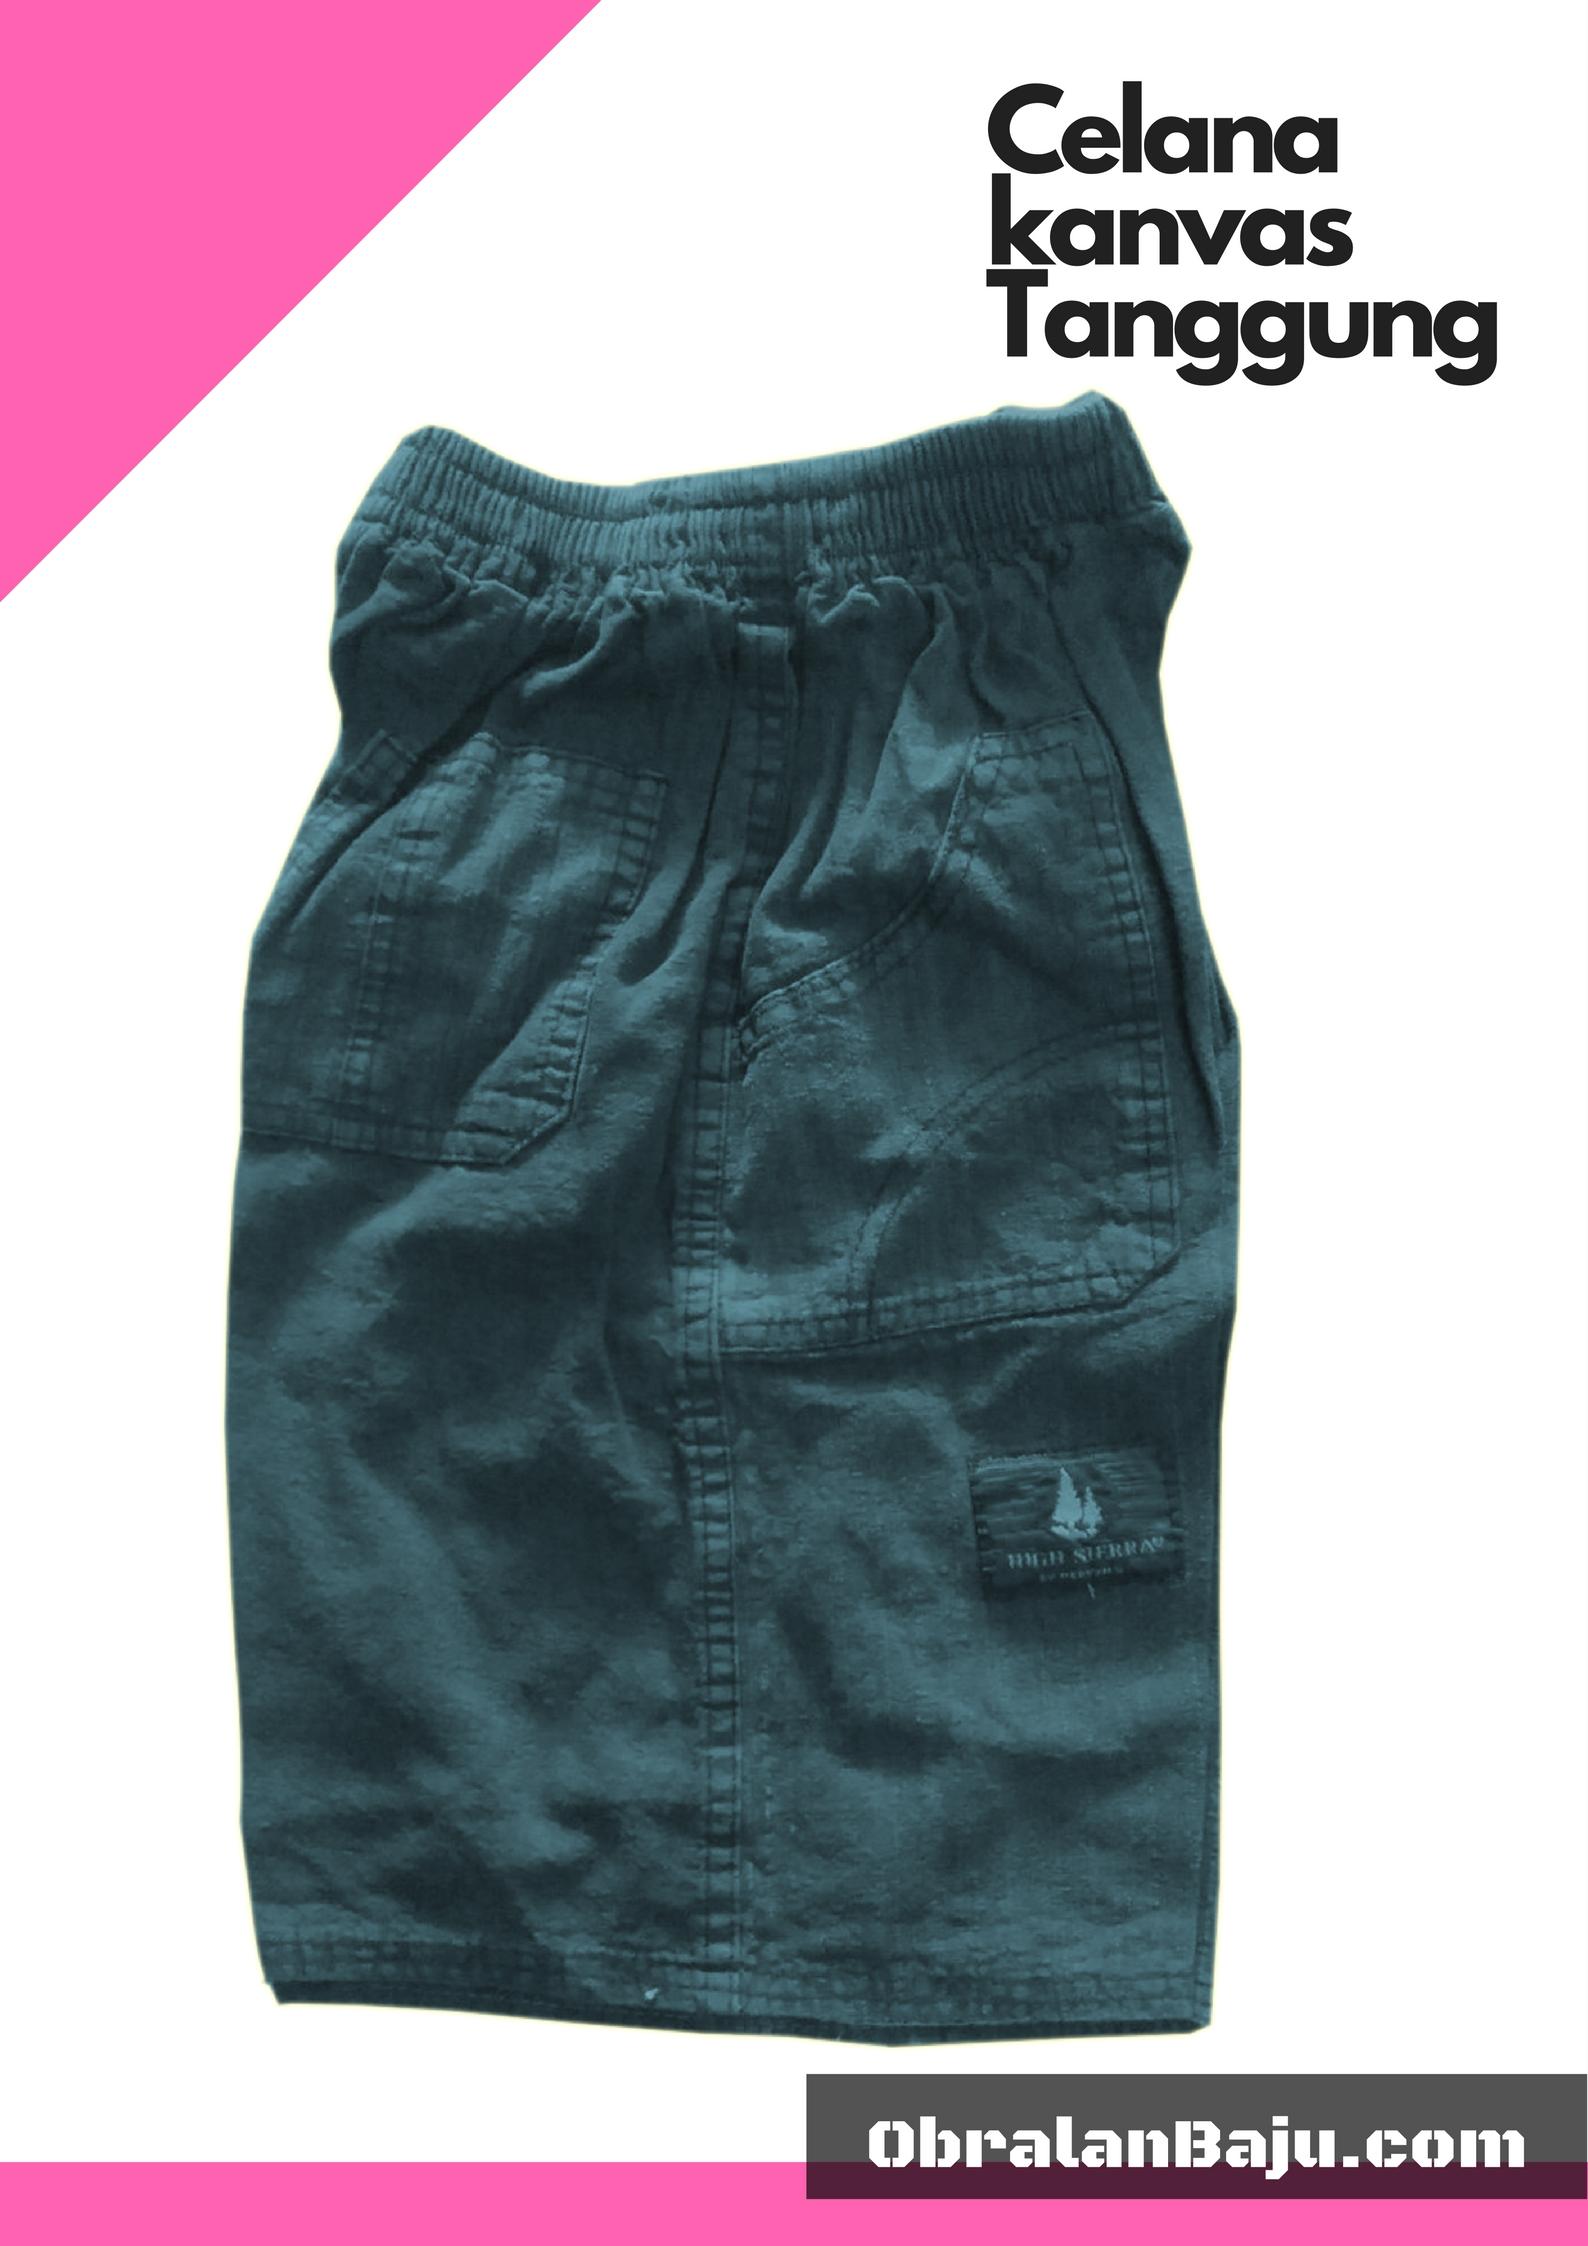 ObralanBaju.com Obral Baju Pakaian Murah Meriah 5000 Celana Kanvas Tanggung